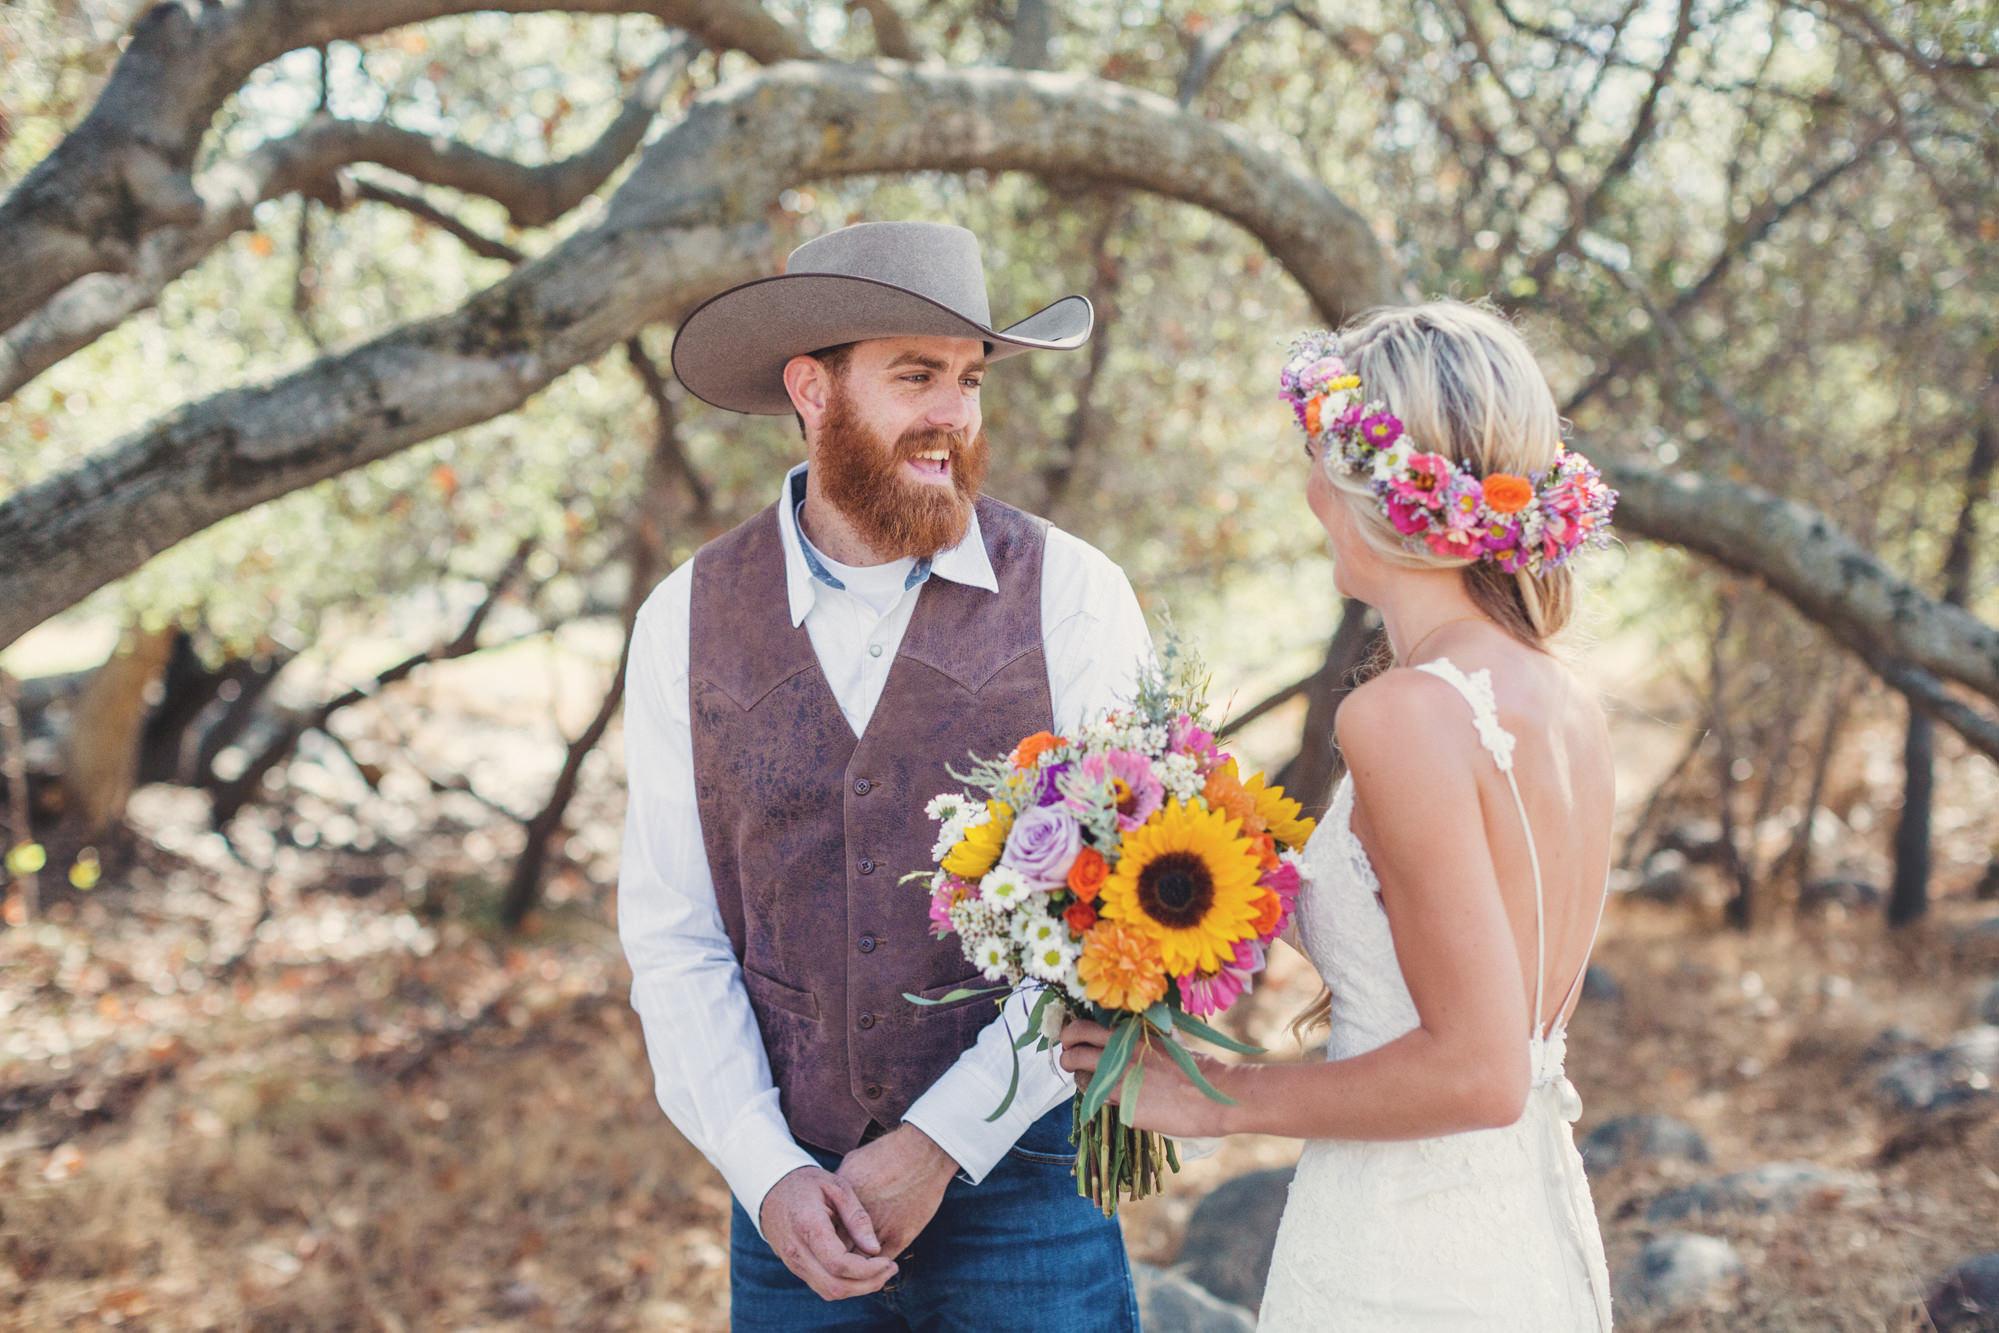 Rustic wedding in California ©Anne-Claire Brun 37